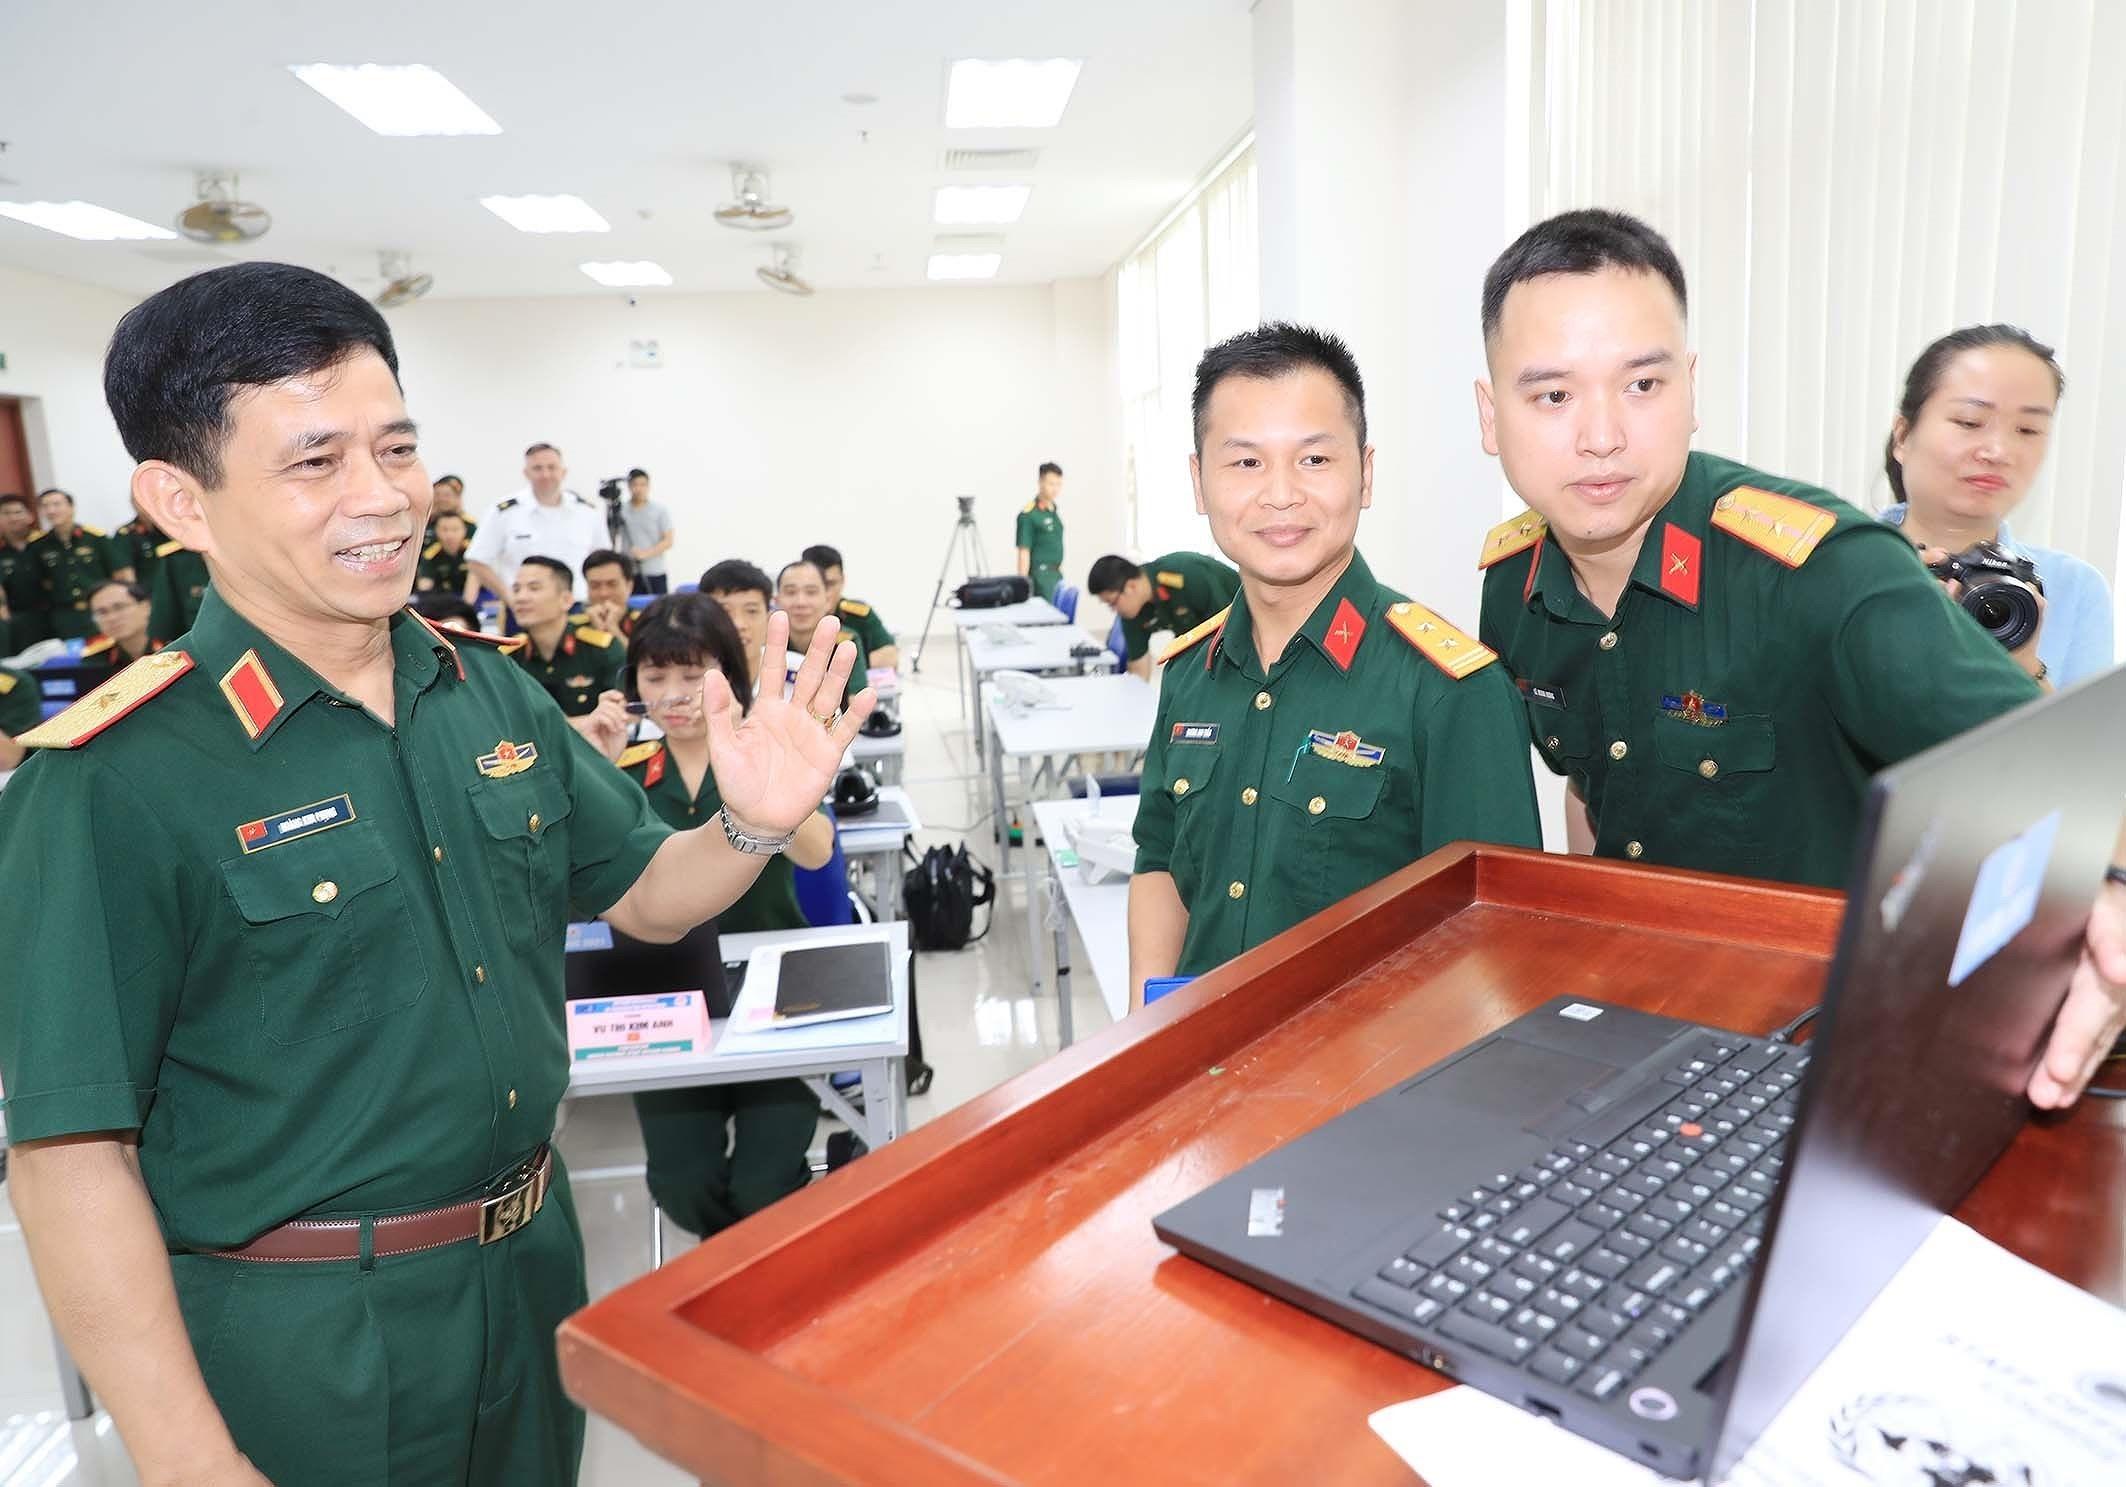 组图:联合国参谋业务培训班正式开幕 hinh anh 5